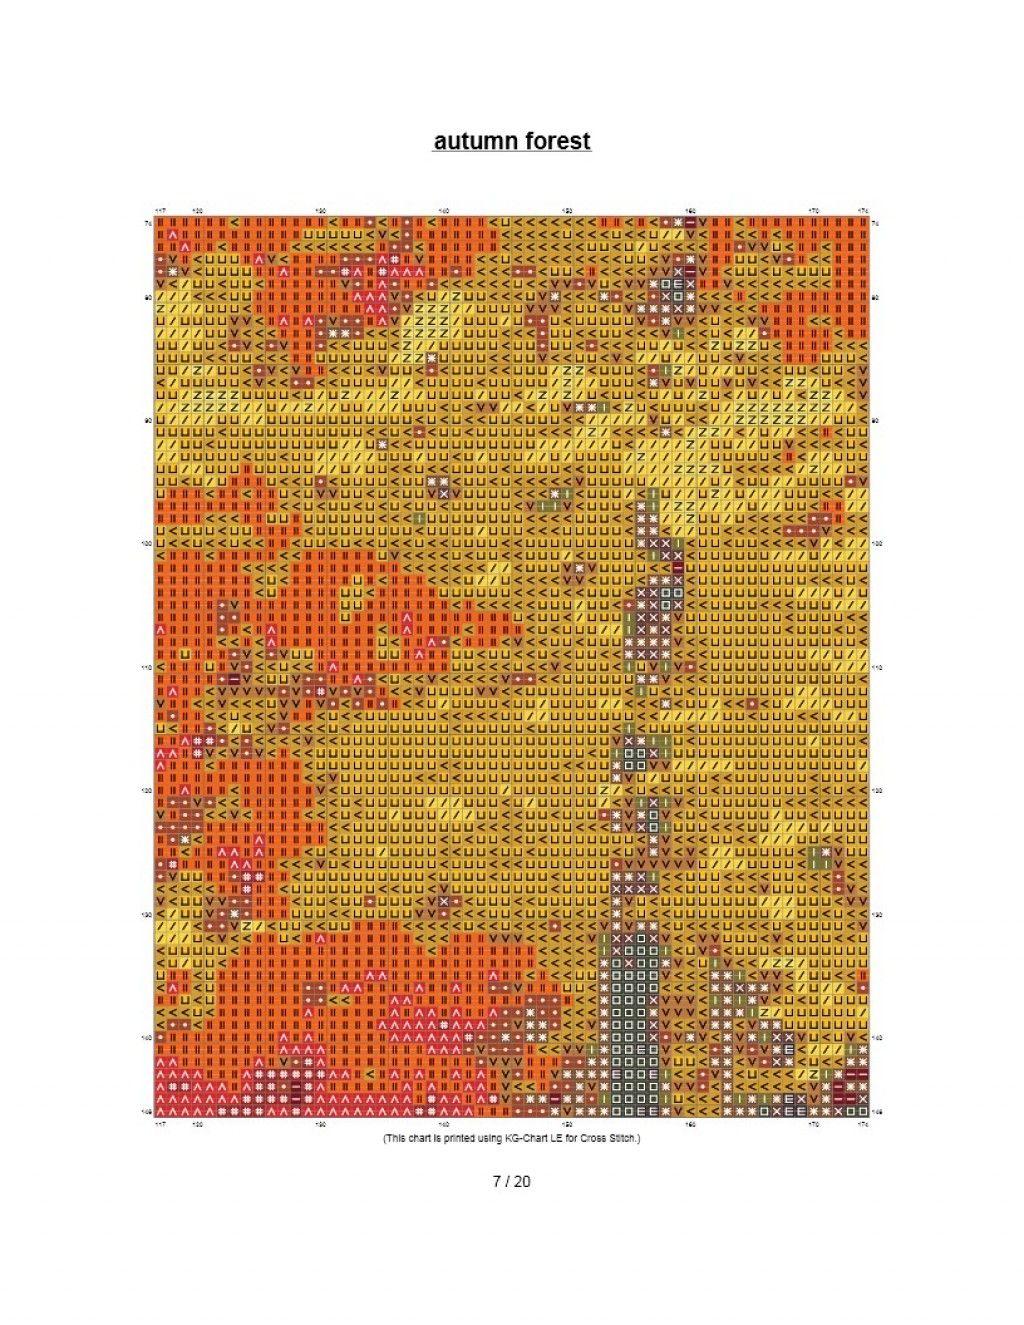 cruz floresta livre padrão de ponto no outono floresta outonal 008